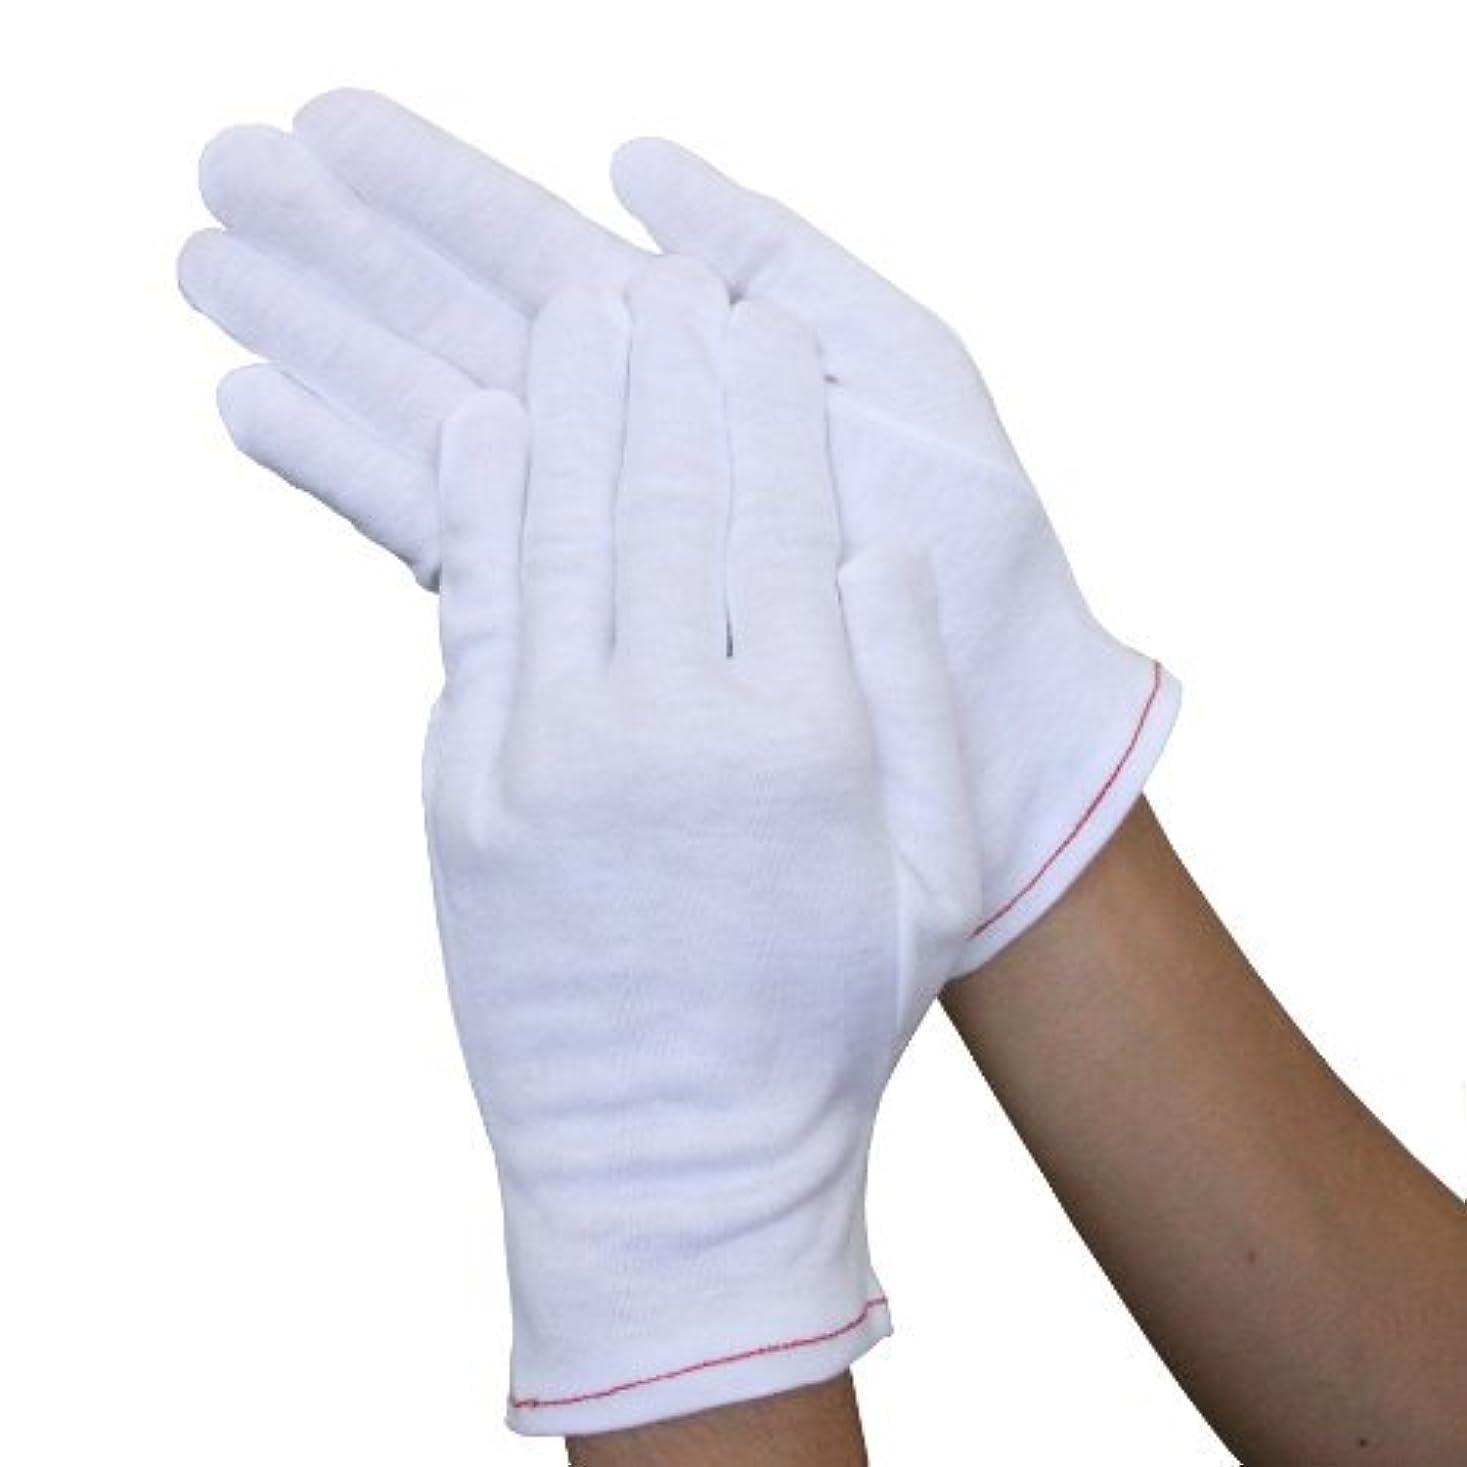 ハシーなめらかオーブンウインセス 【心地よい肌触り/おやすみ手袋】 綿100%手袋 (1双) (M)